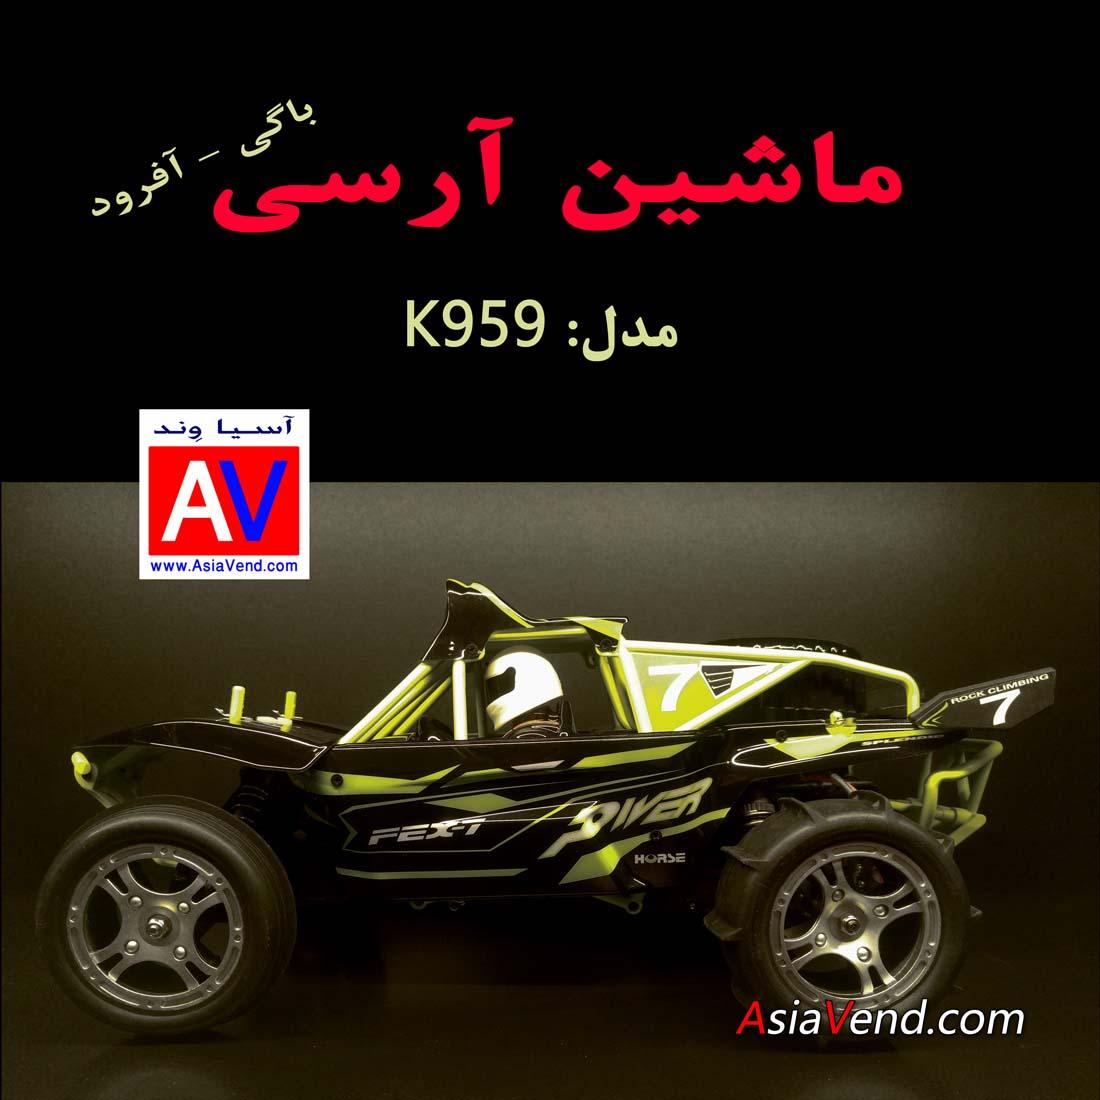 ماشین باگی کنترلی آرسی ماشین رادیو کنترلی K959